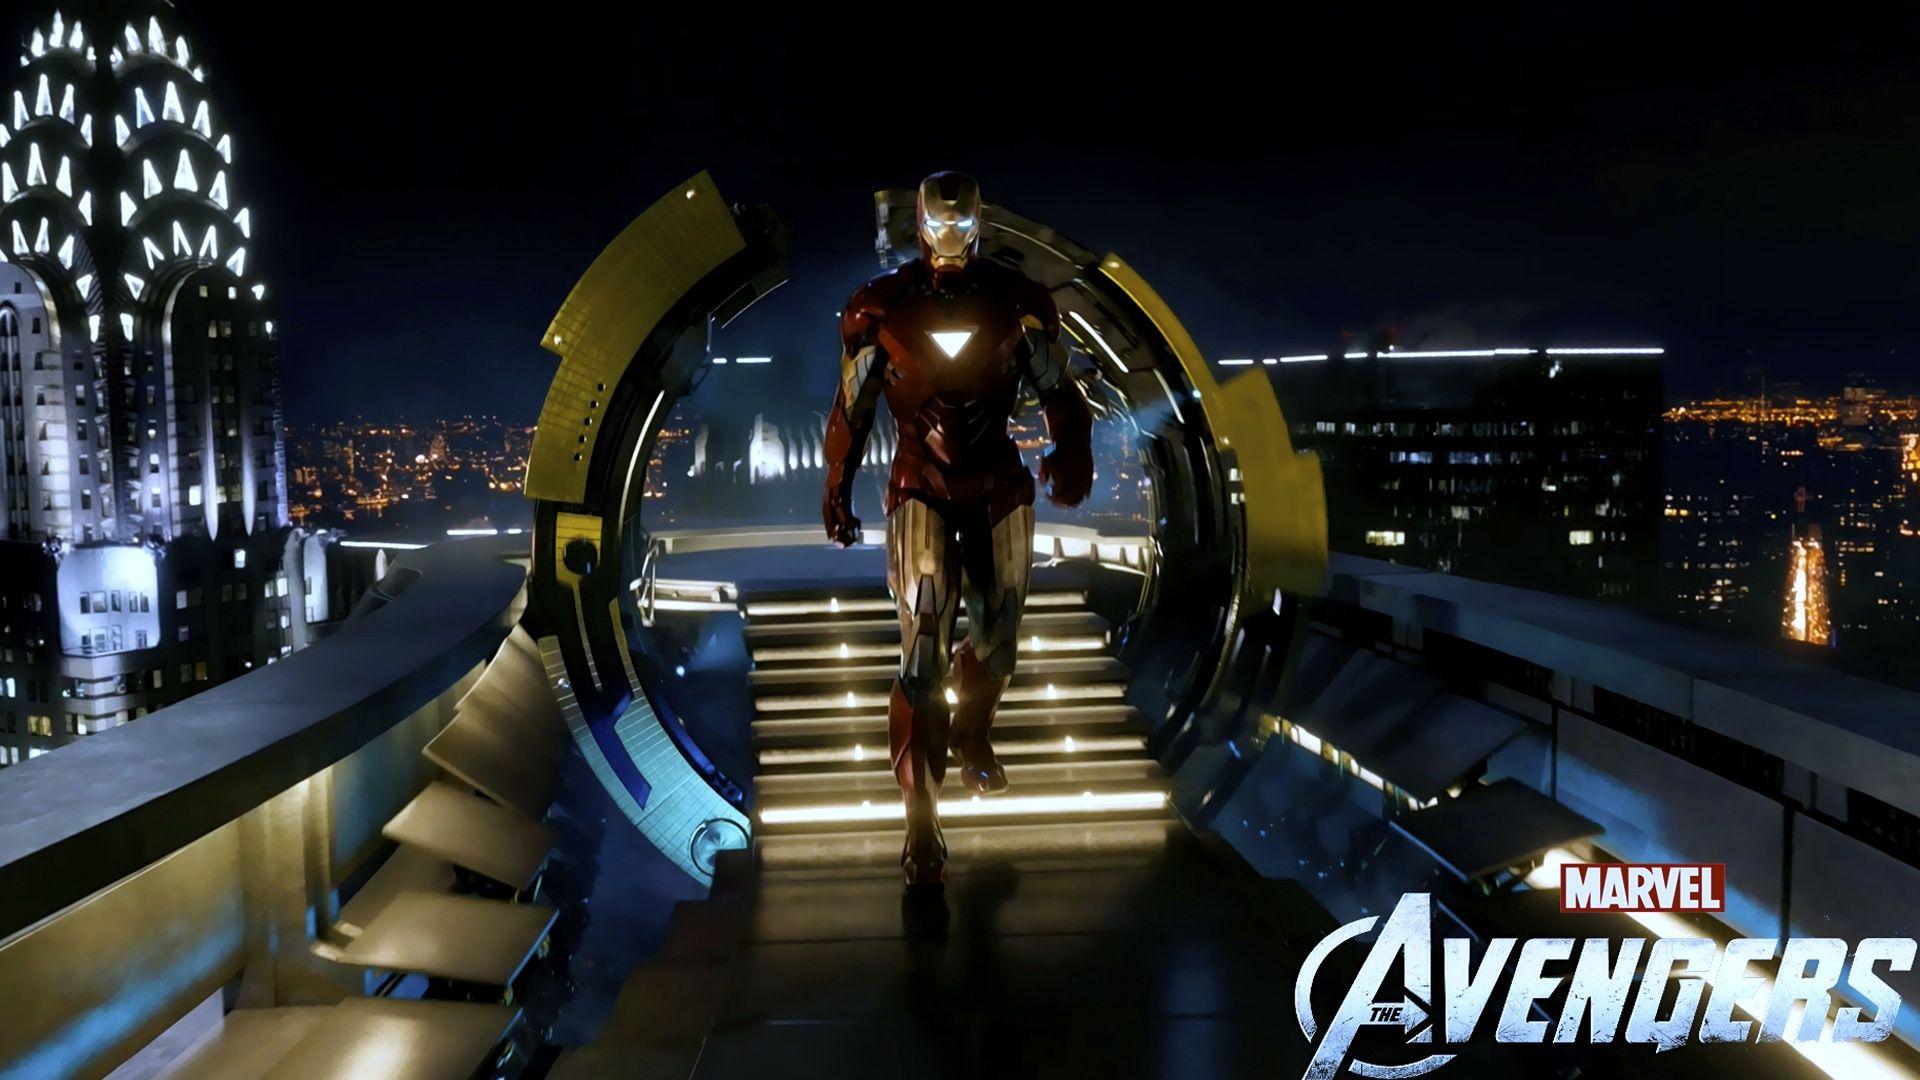 Arriving at Stark tower Iron man hd wallpaper, Avengers